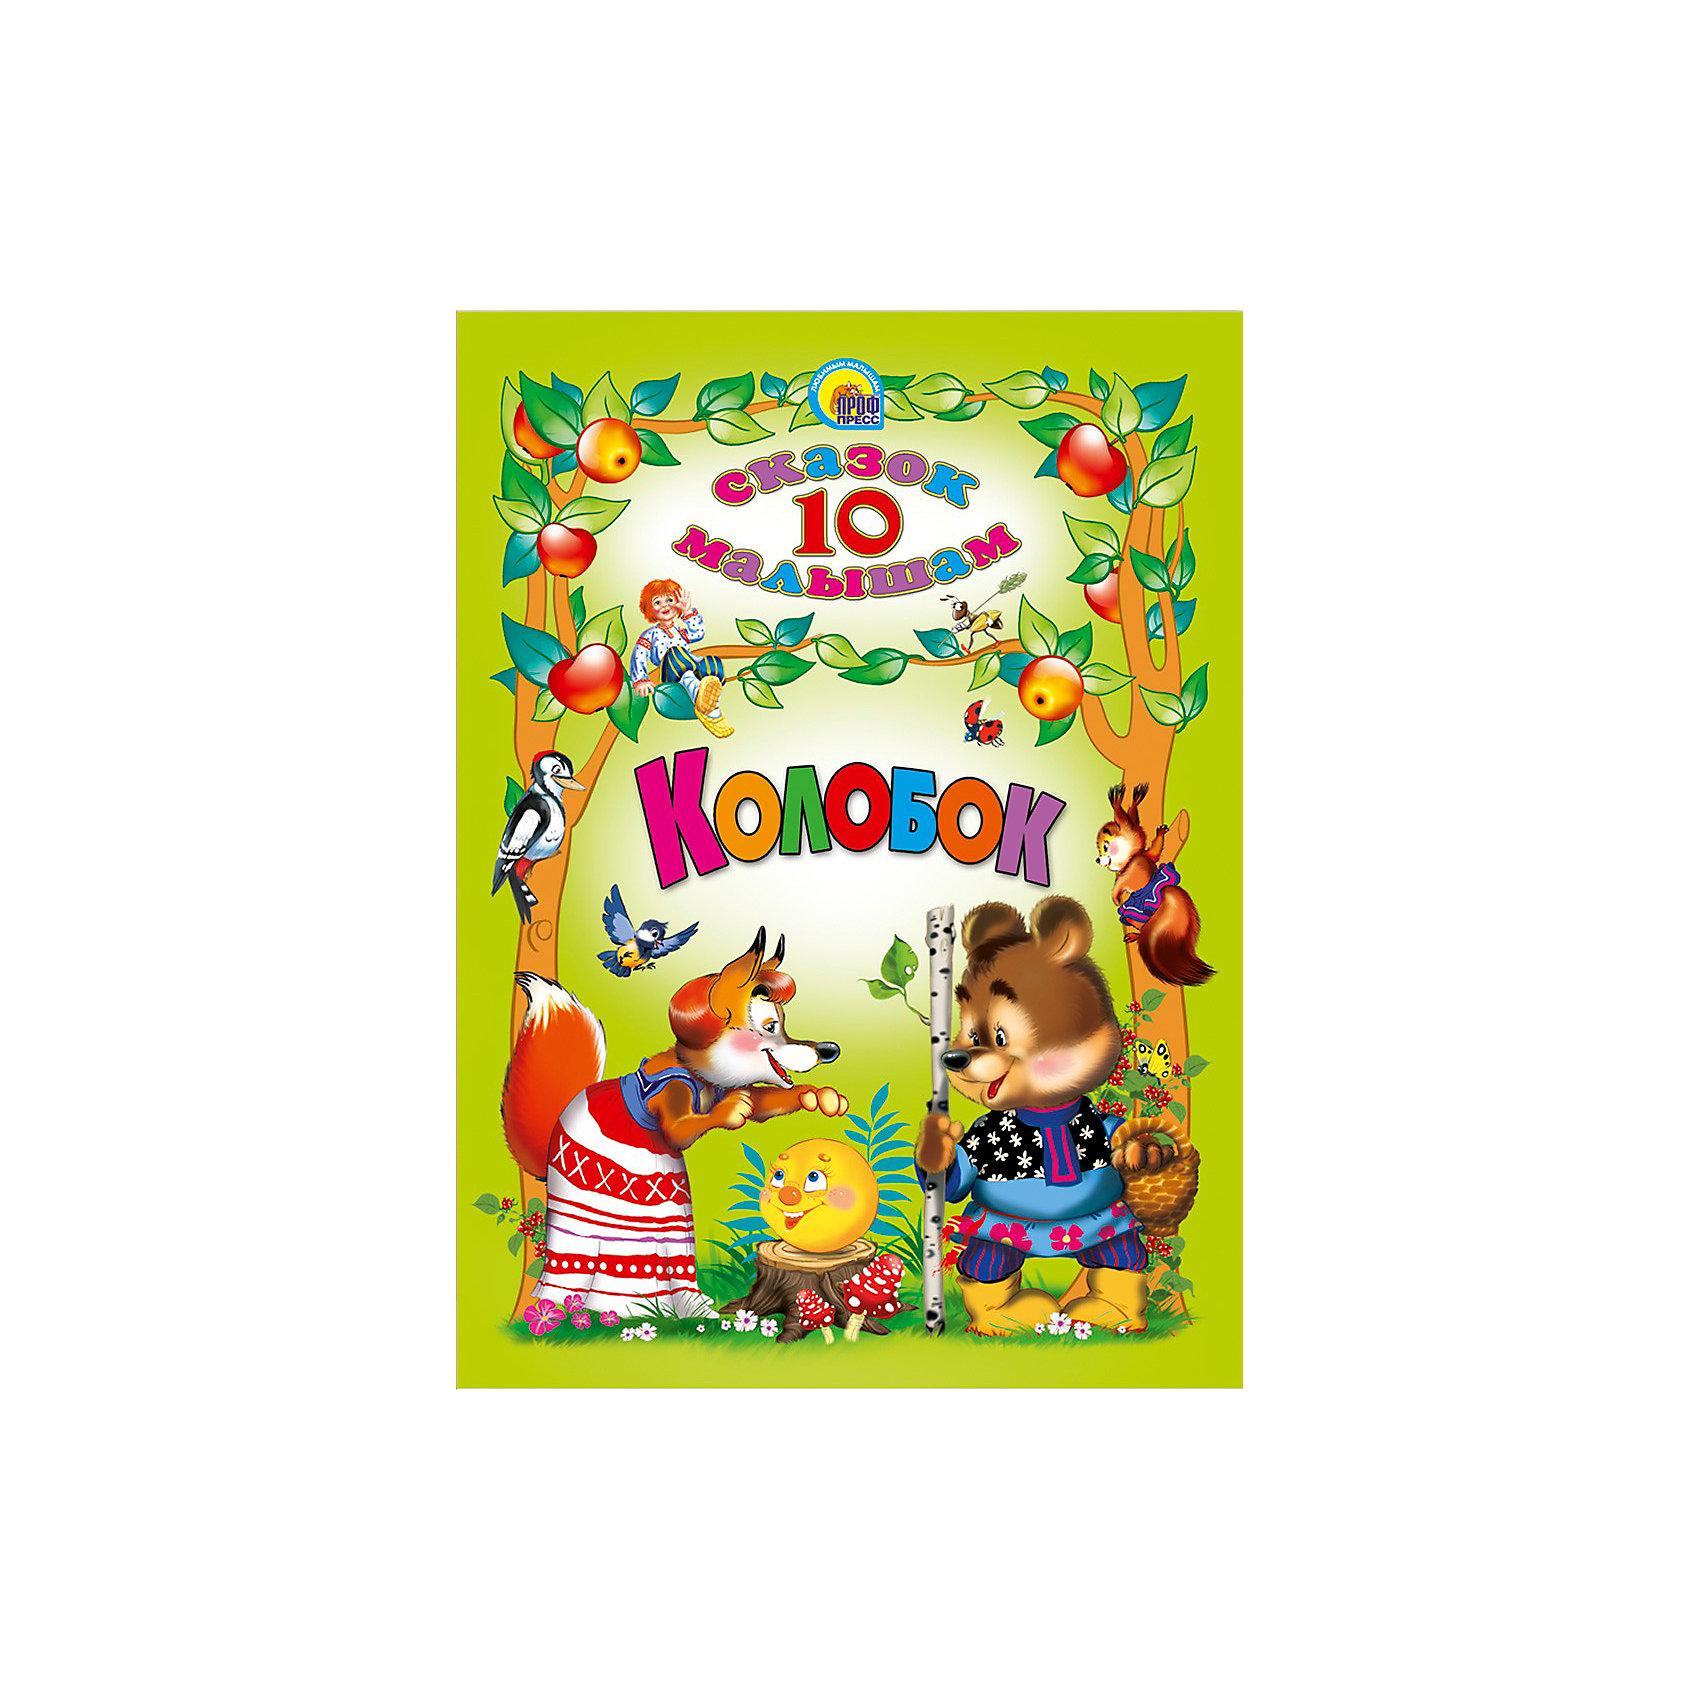 Сборник 10 сказок КолобокРусские сказки<br>Любимые сказки собраны в серии книг 10 сказок. Замечательные иллюстрации не оставят равнодушными не только детей, но и их родителей.  <br><br>В книгу включены следующие сказки: Колобок, Лисичка-сестричка и волк, Маша и медведь, Гуси-лебеди, Петушок и курочка, Зимовье зверей, Коза-дереза, Снегурушка и лиса, Мальчик-с-пальчик, У страха глаза велики.   <br><br>Материал: бумага офсетная.<br>Книга содержит 128 стр. <br><br>Ваш малыш не только с удовольствием познакомится с содержанием известных сказок, но и получит первые уроки доброты, юмора и смекалки. <br><br>Формат: 220 х 13 х 162 мм<br><br>Ширина мм: 220<br>Глубина мм: 13<br>Высота мм: 162<br>Вес г: 282<br>Возраст от месяцев: 12<br>Возраст до месяцев: 60<br>Пол: Унисекс<br>Возраст: Детский<br>SKU: 2408525